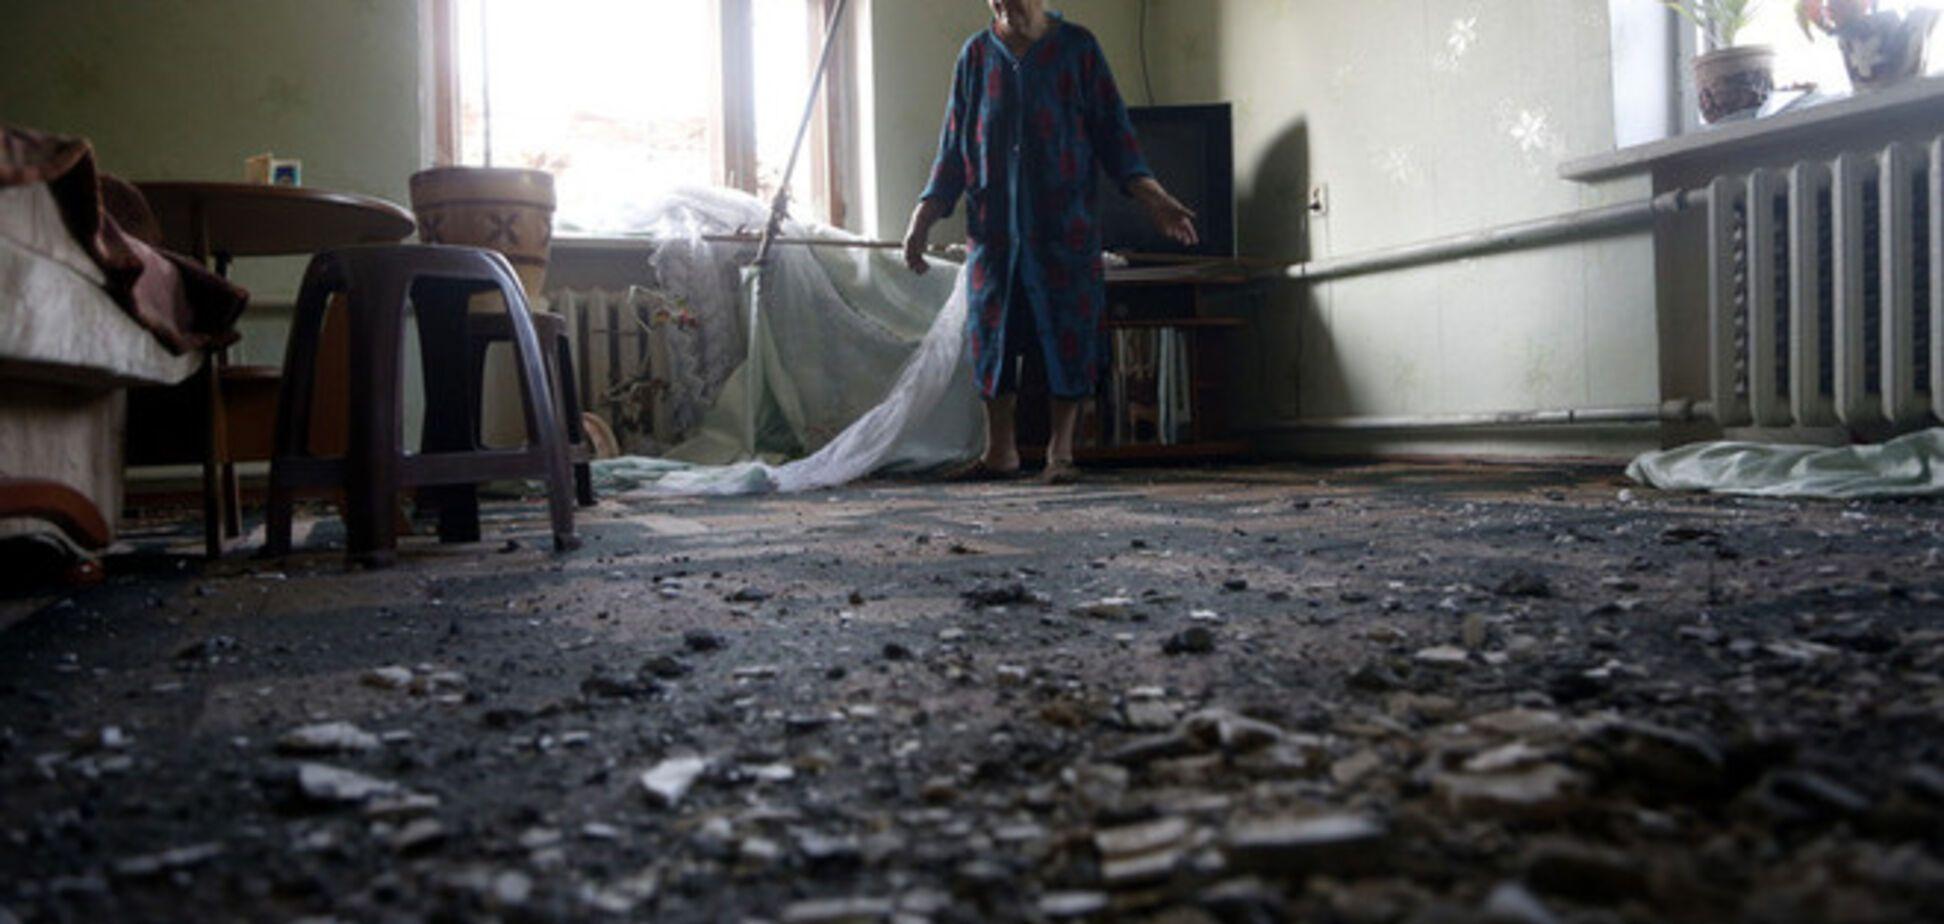 ООН: на востоке Украины погибло 127 человек